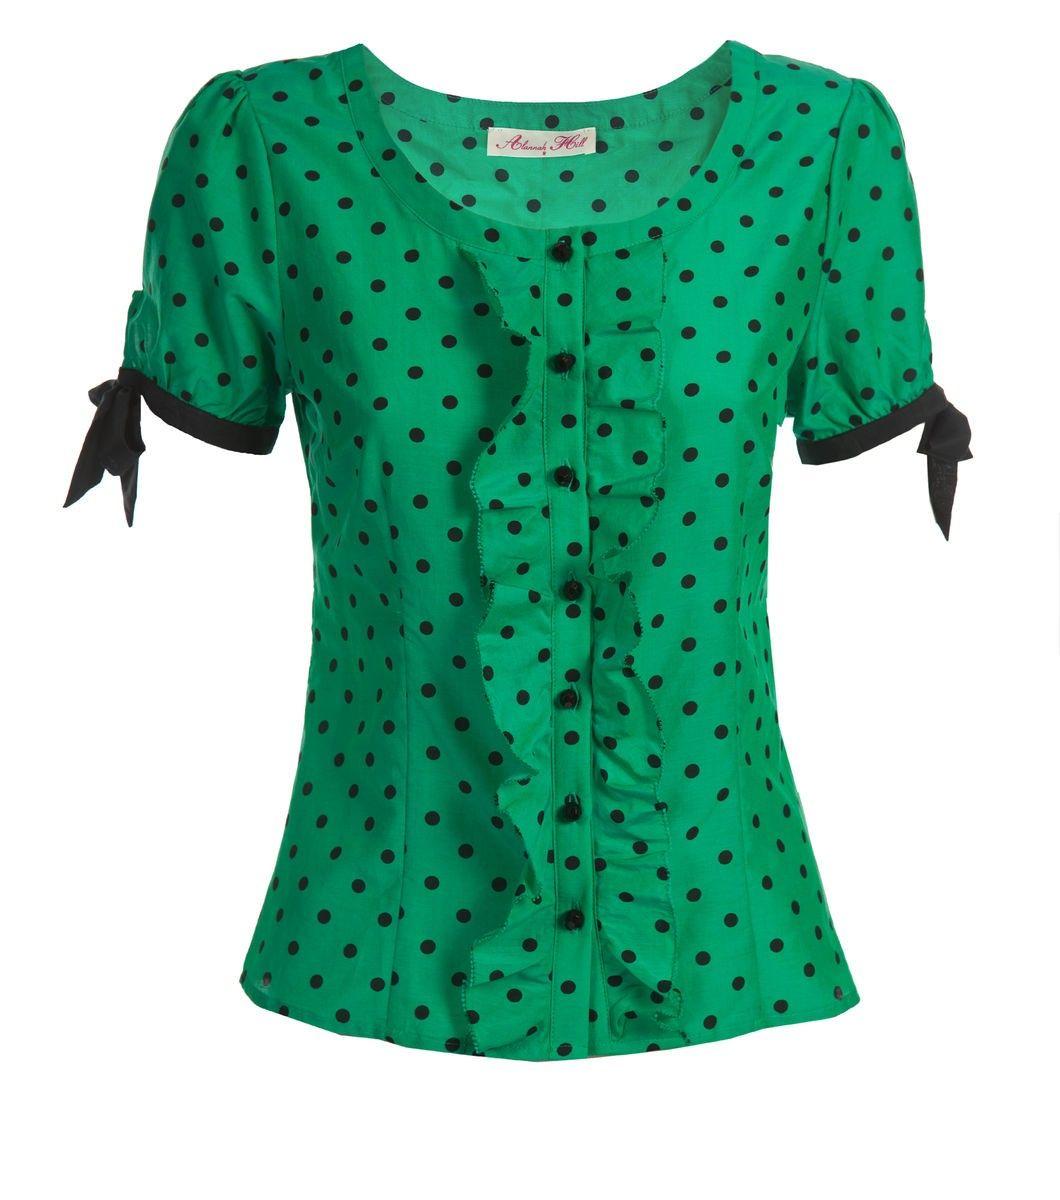 File:Pinky Swear Blouse (Green-Black) $149 front.jpg